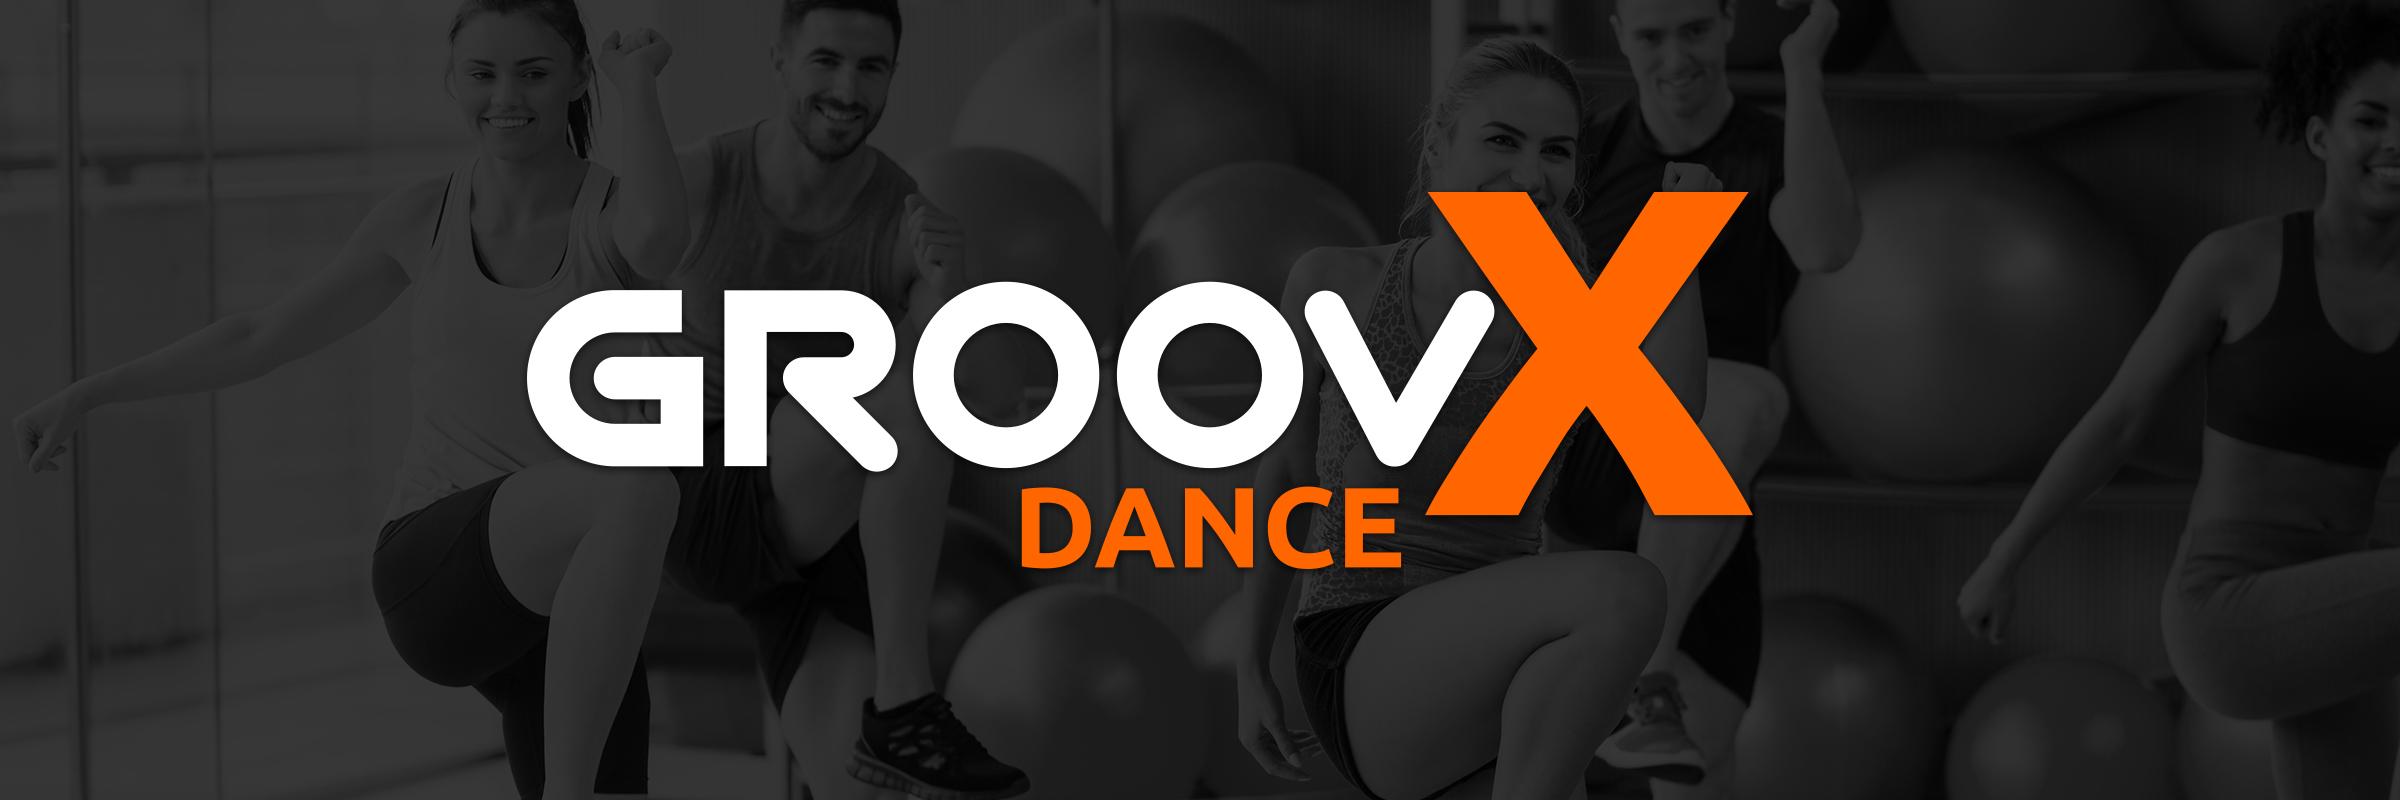 GroovX Dance